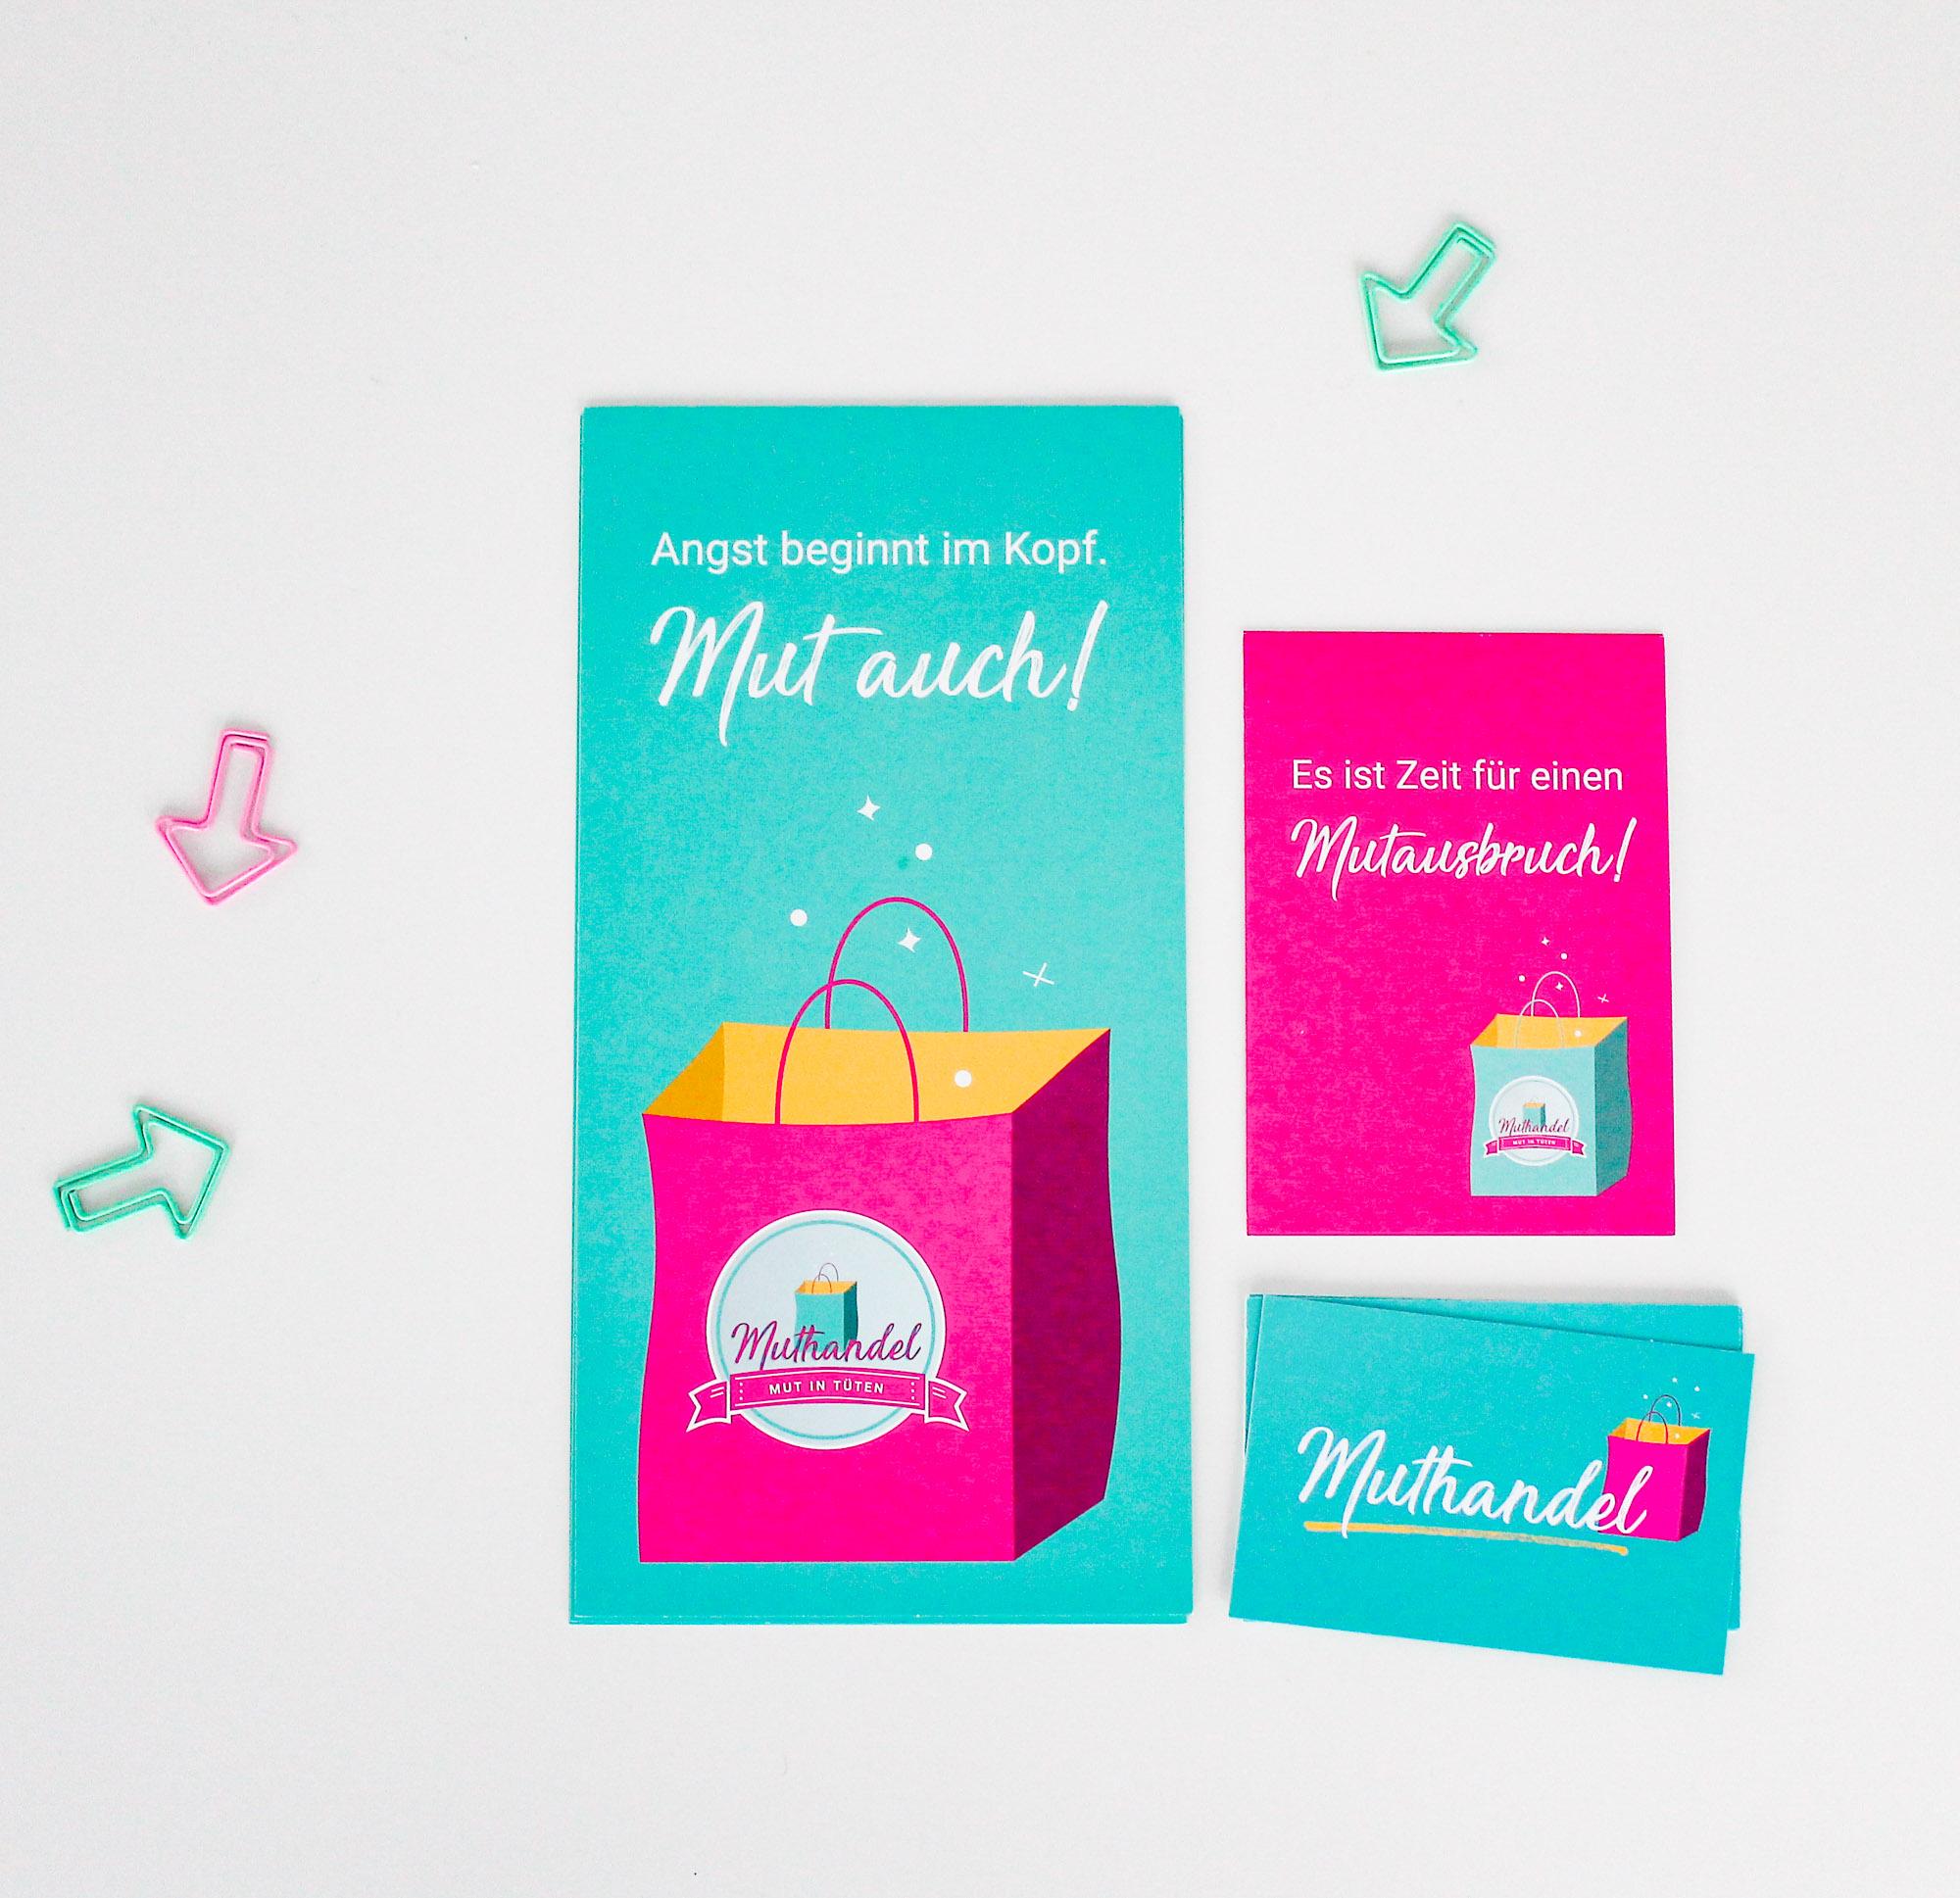 Referenz, Design, Corporate Design, Gestaltung, Flyer, Visitenkarte, Postkarte